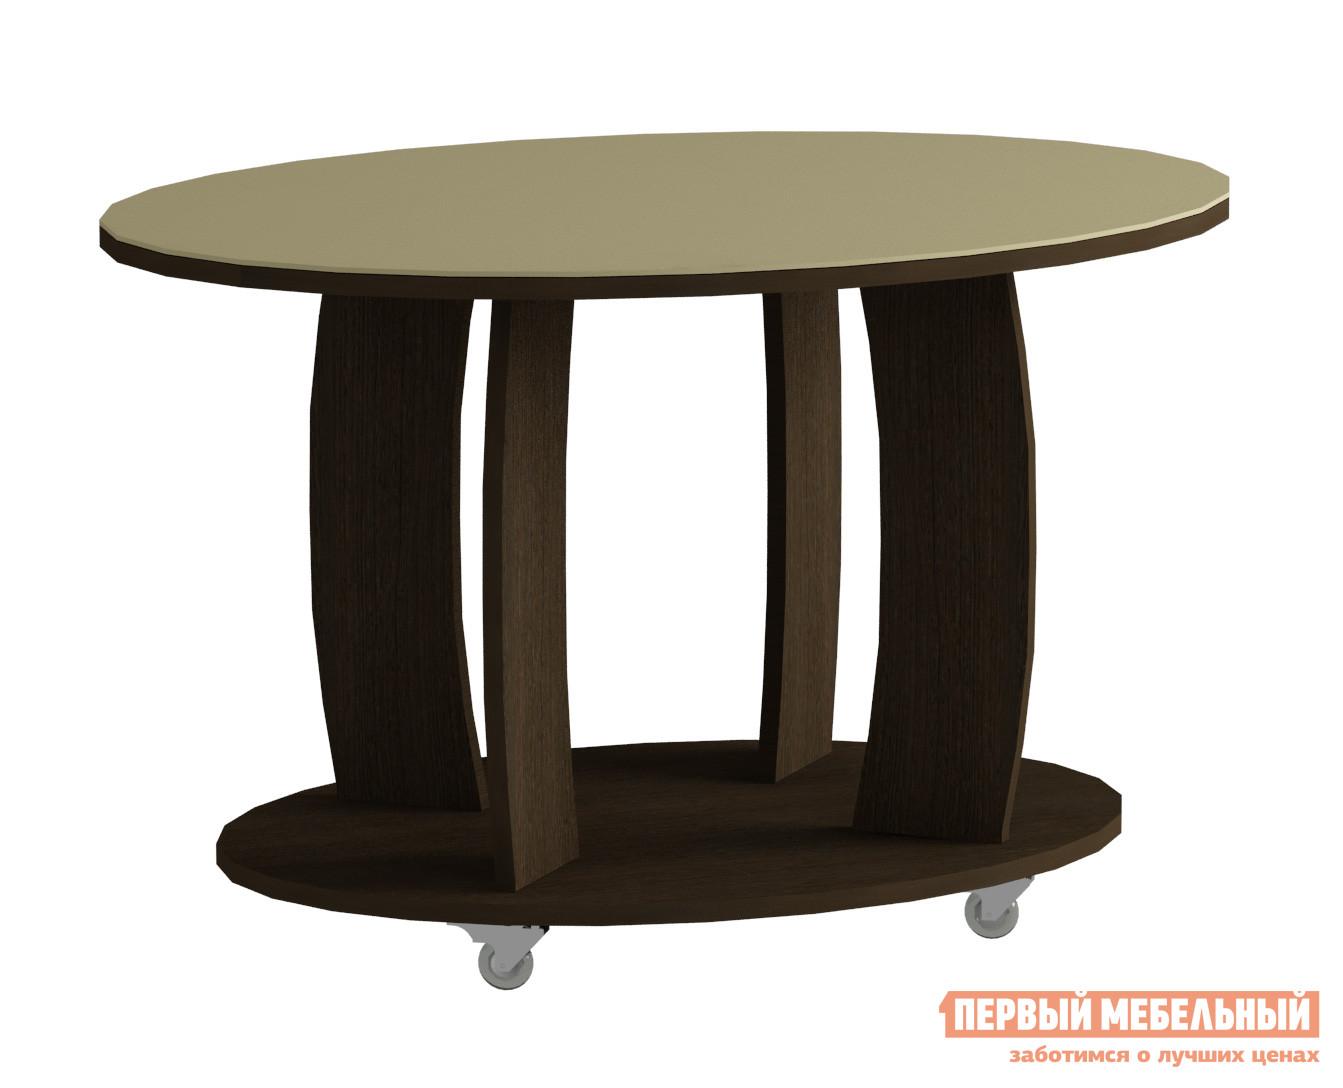 все цены на Журнальный стол овальный Мебель Импэкс Leset LS 738 в интернете